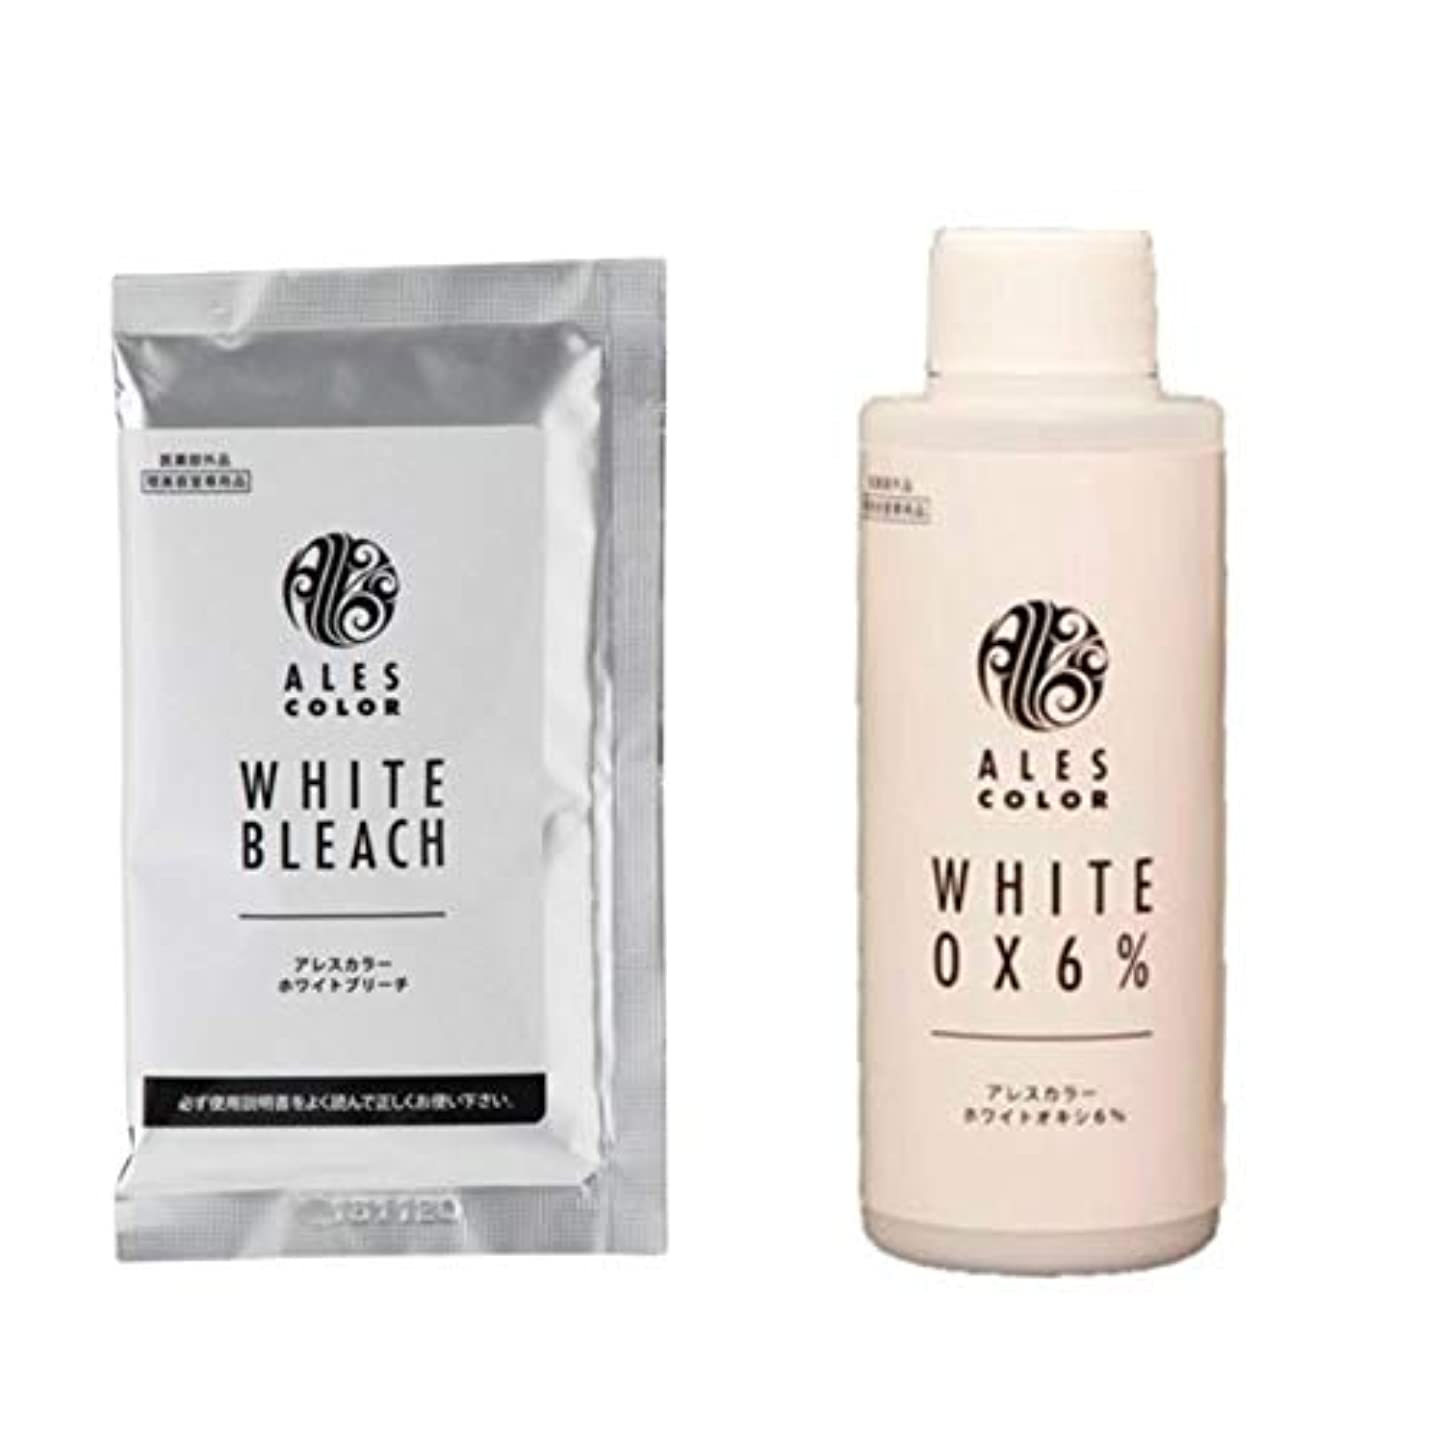 拾う意気込み厳密にアレスカラー ホワイトブリーチ セット(1剤) 30g ホワイトオキシ6% 120ml